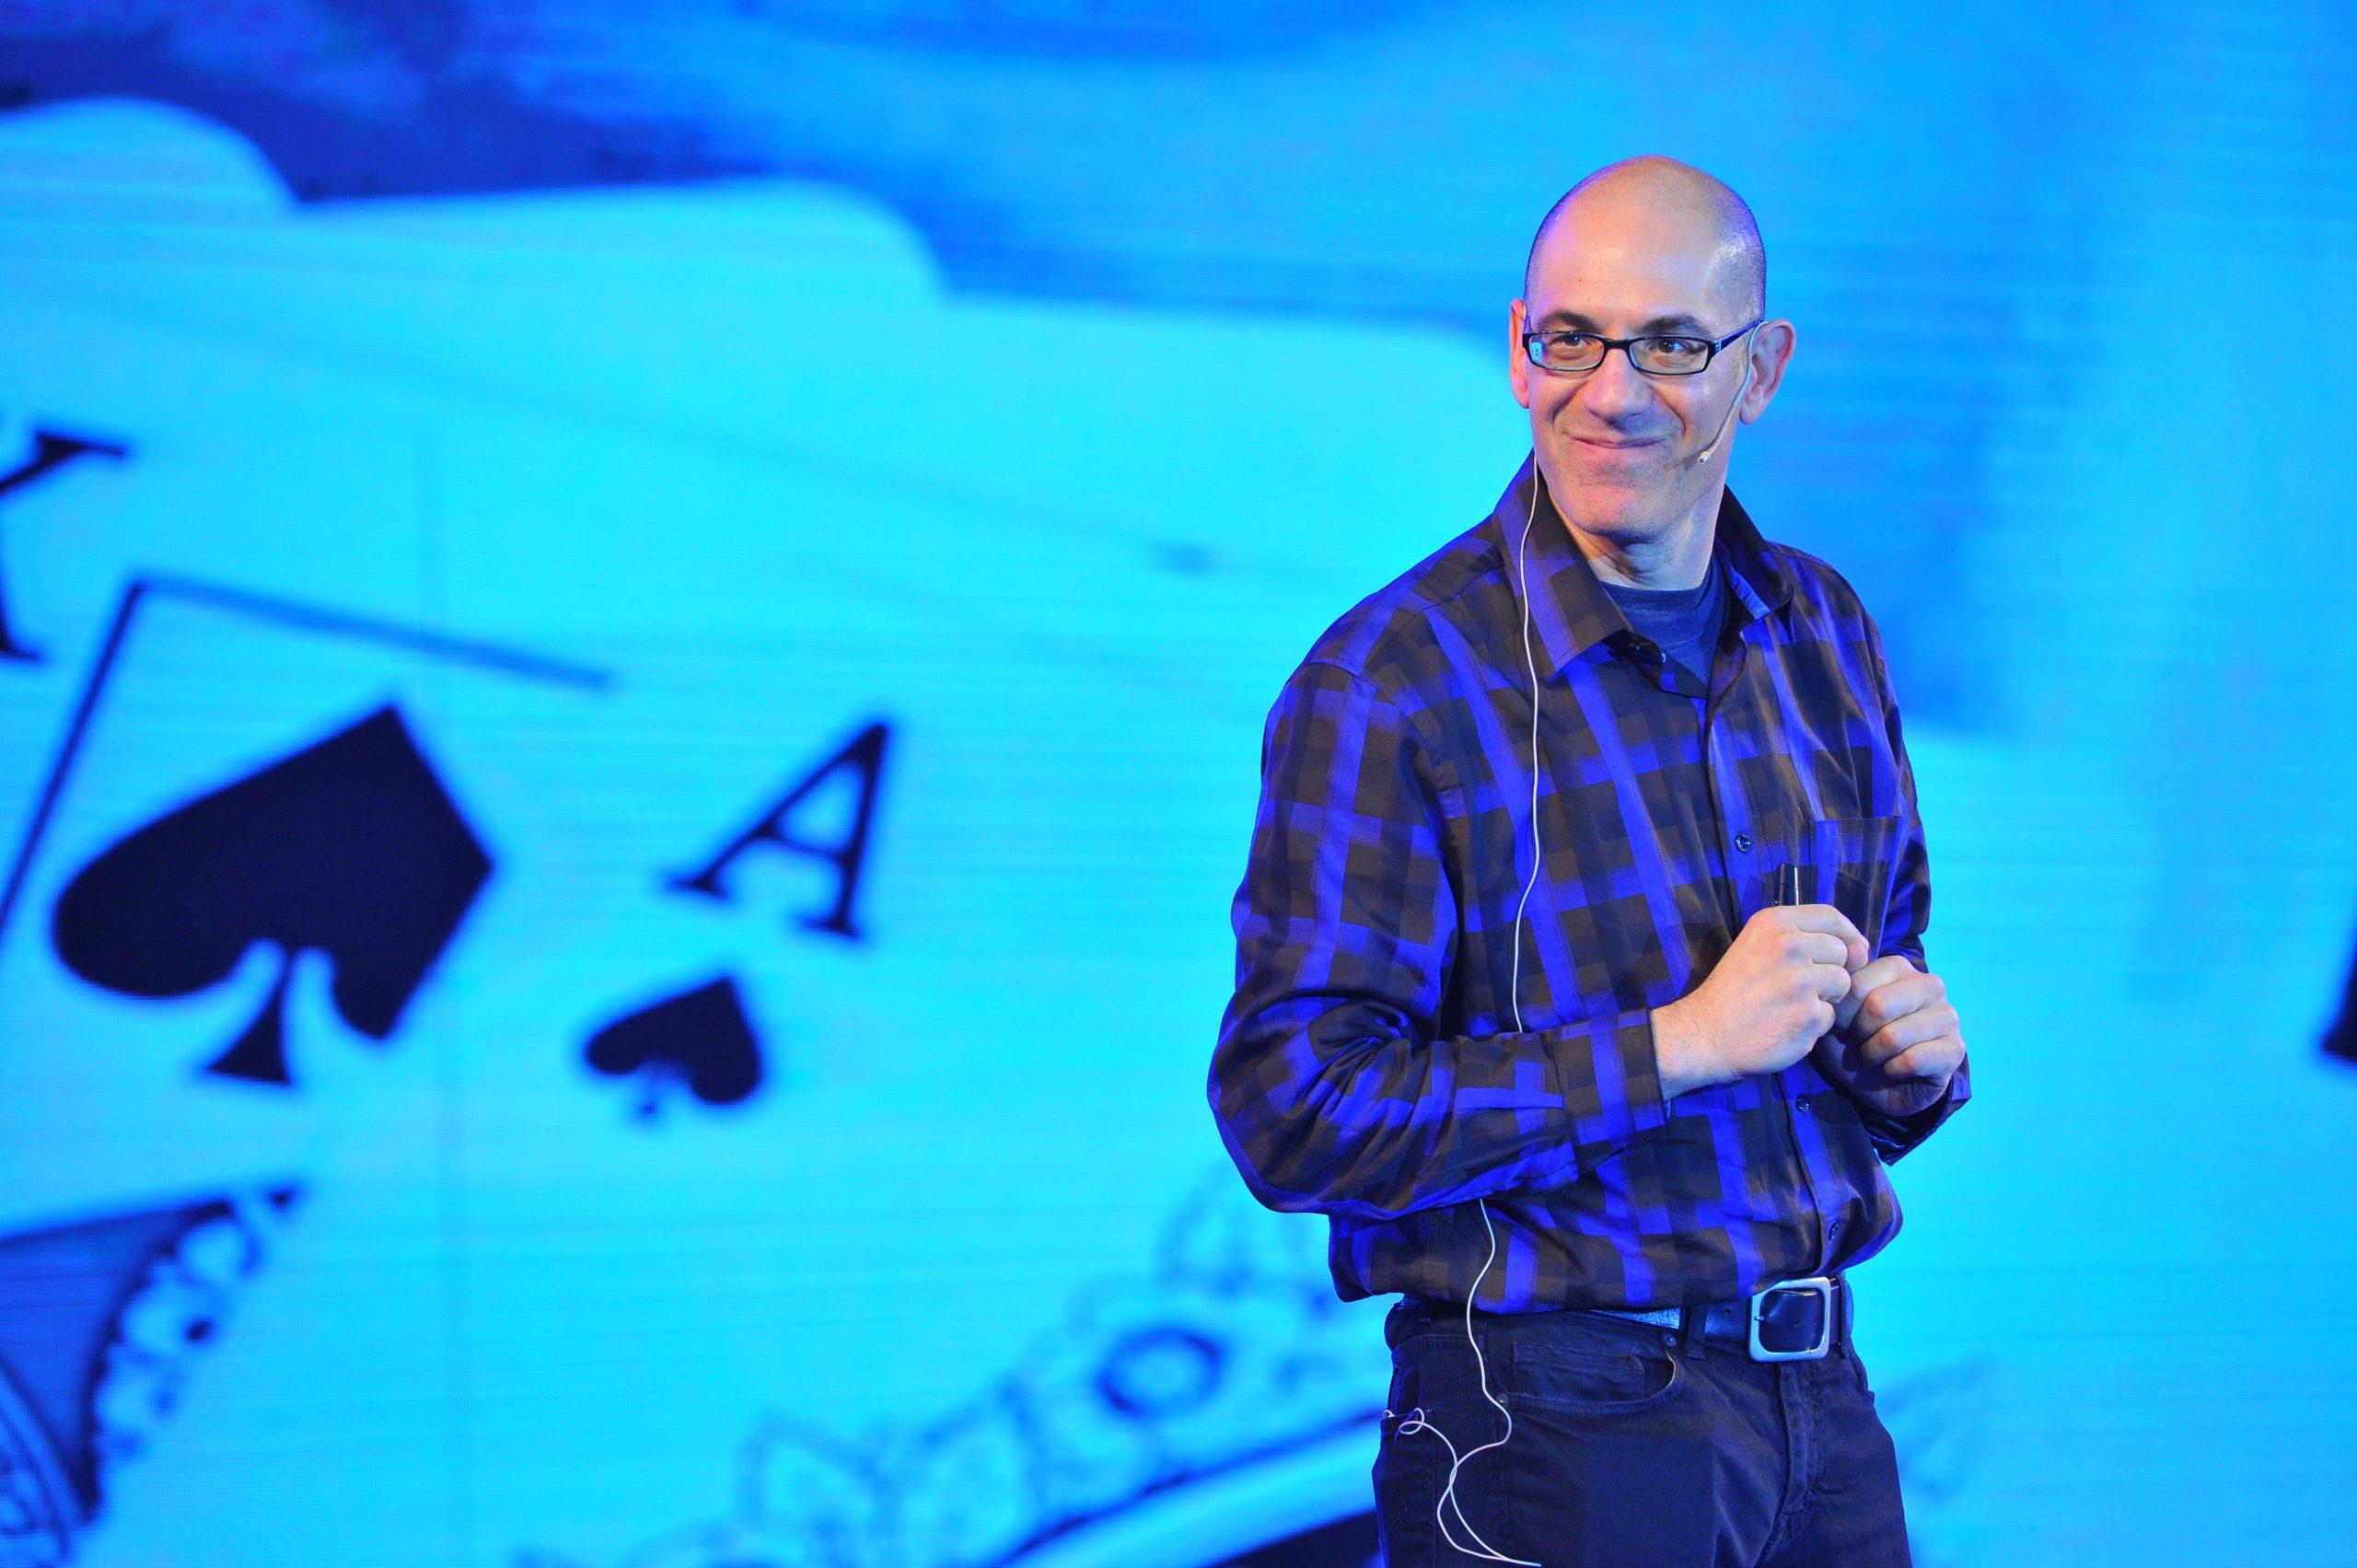 知名硅谷创业导师史蒂夫·霍夫曼确认出席「范式转移:全球颠覆者大会」